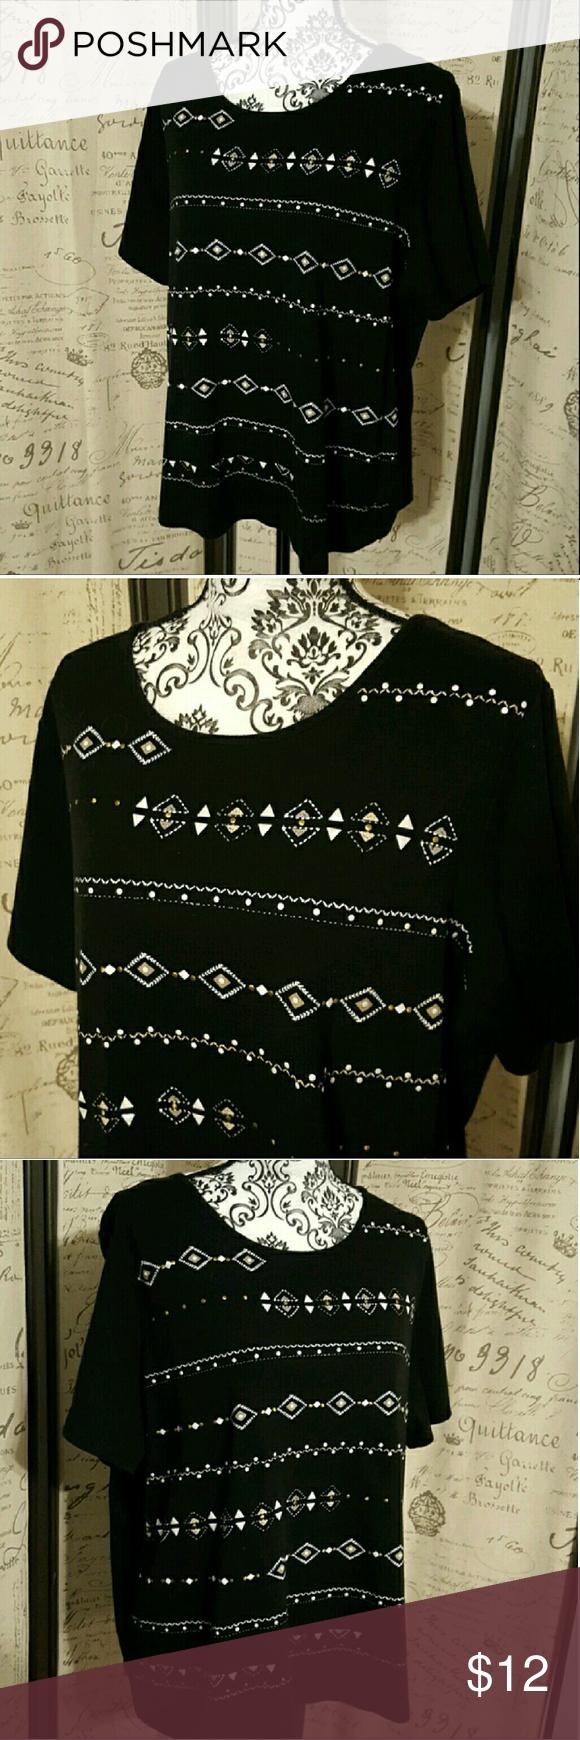 Alfred Dunner shirt size 1X Alfred Dunner shirt size 1X Alfred Dunner Tops Blouses